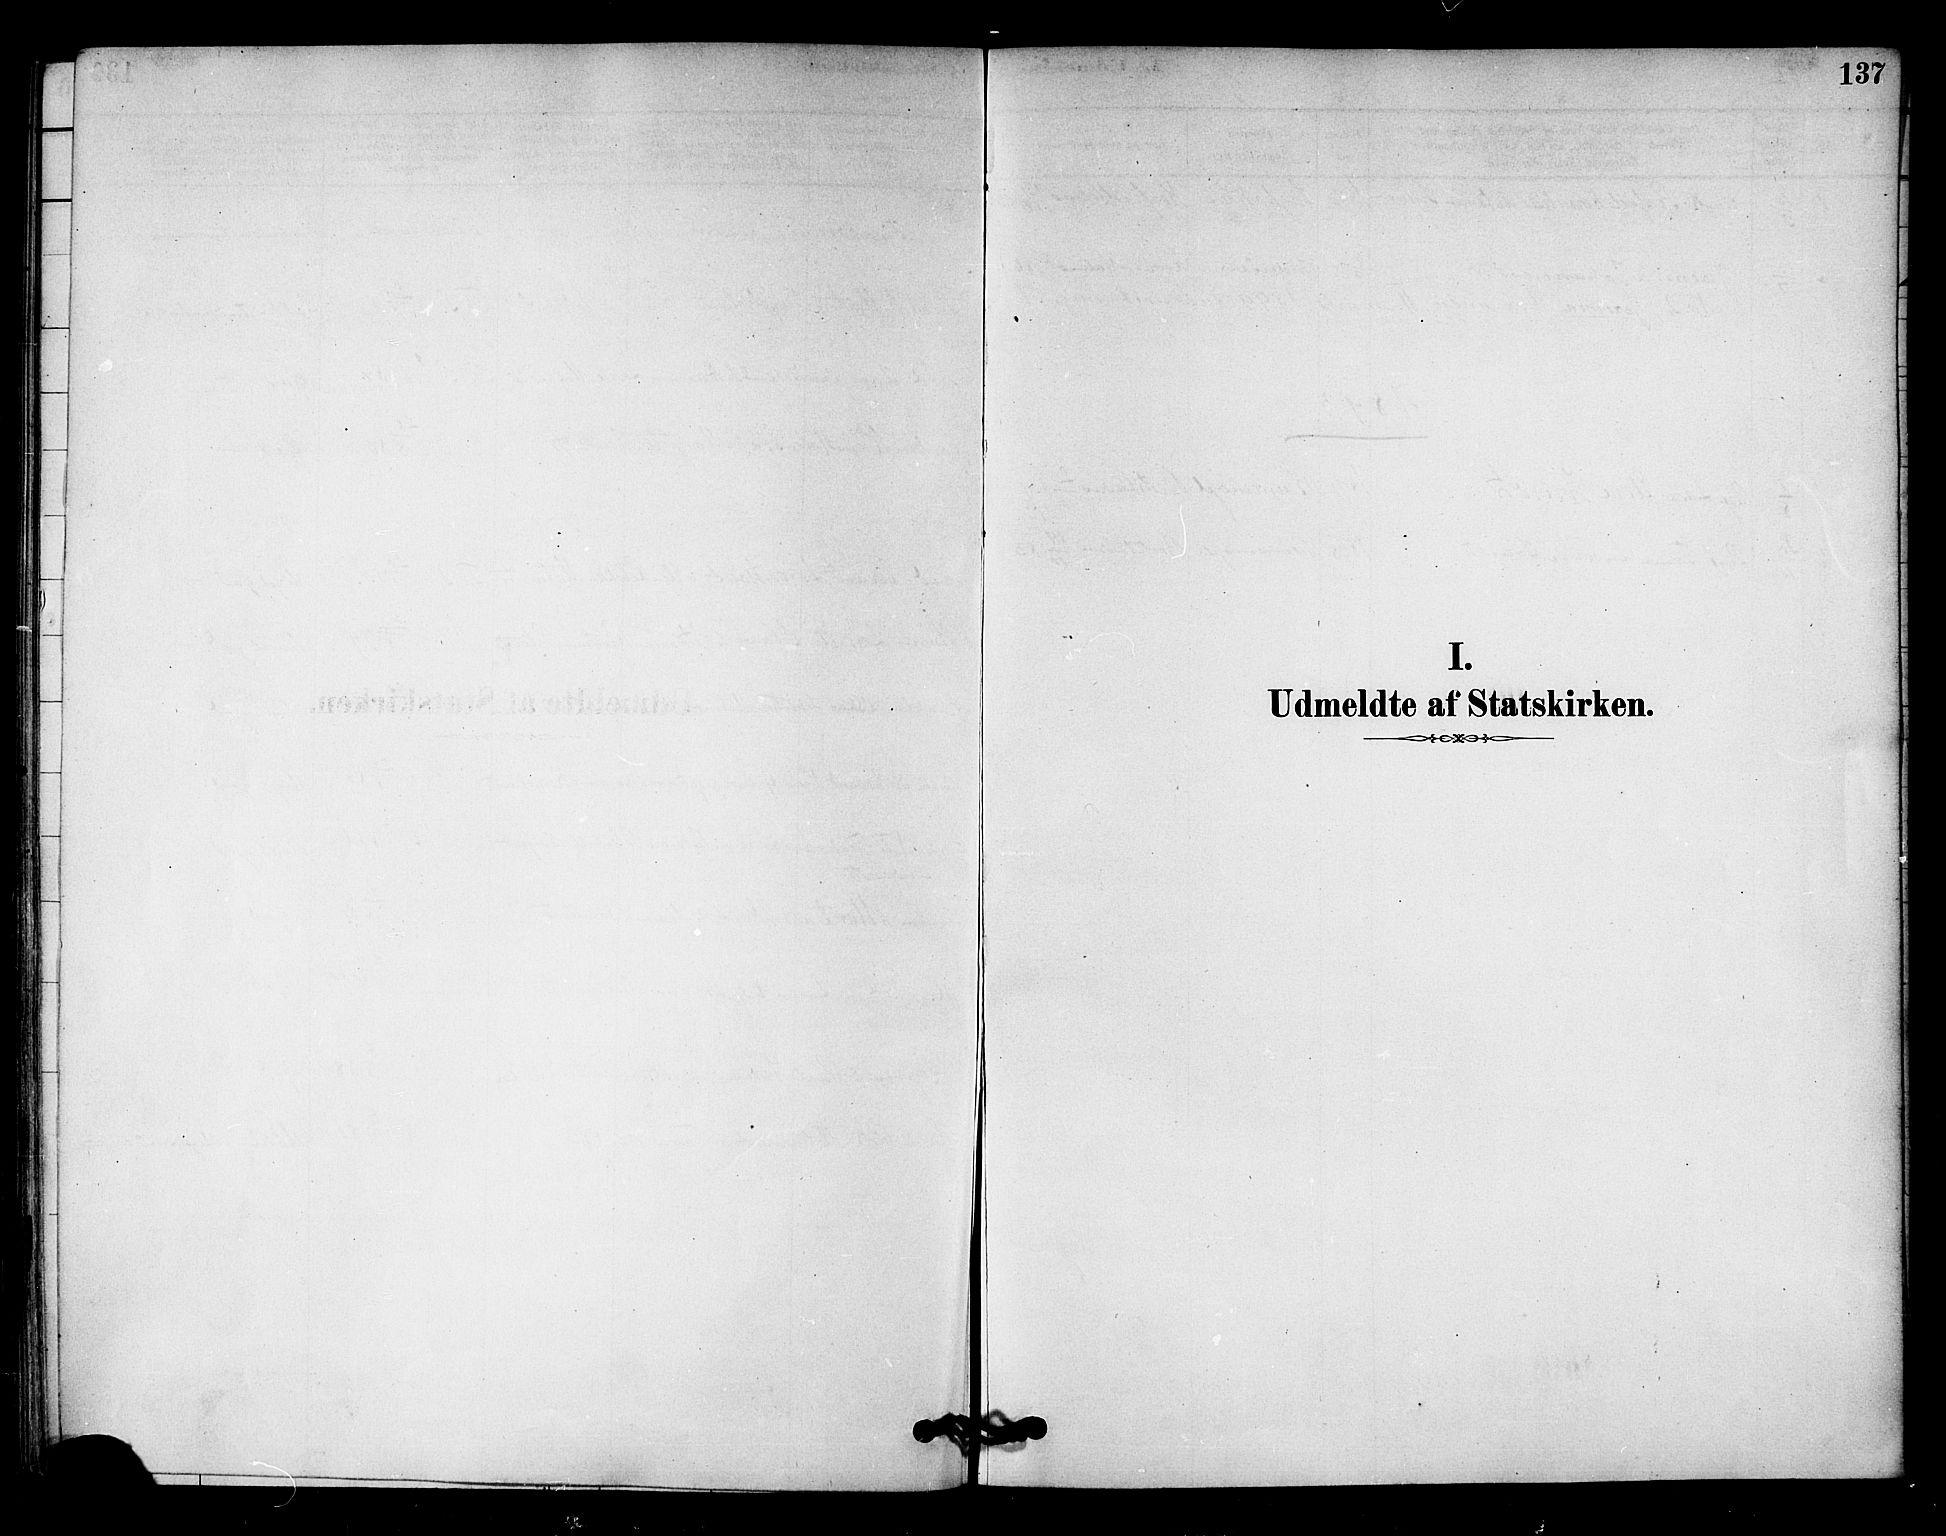 SAT, Ministerialprotokoller, klokkerbøker og fødselsregistre - Nord-Trøndelag, 745/L0429: Ministerialbok nr. 745A01, 1878-1894, s. 137